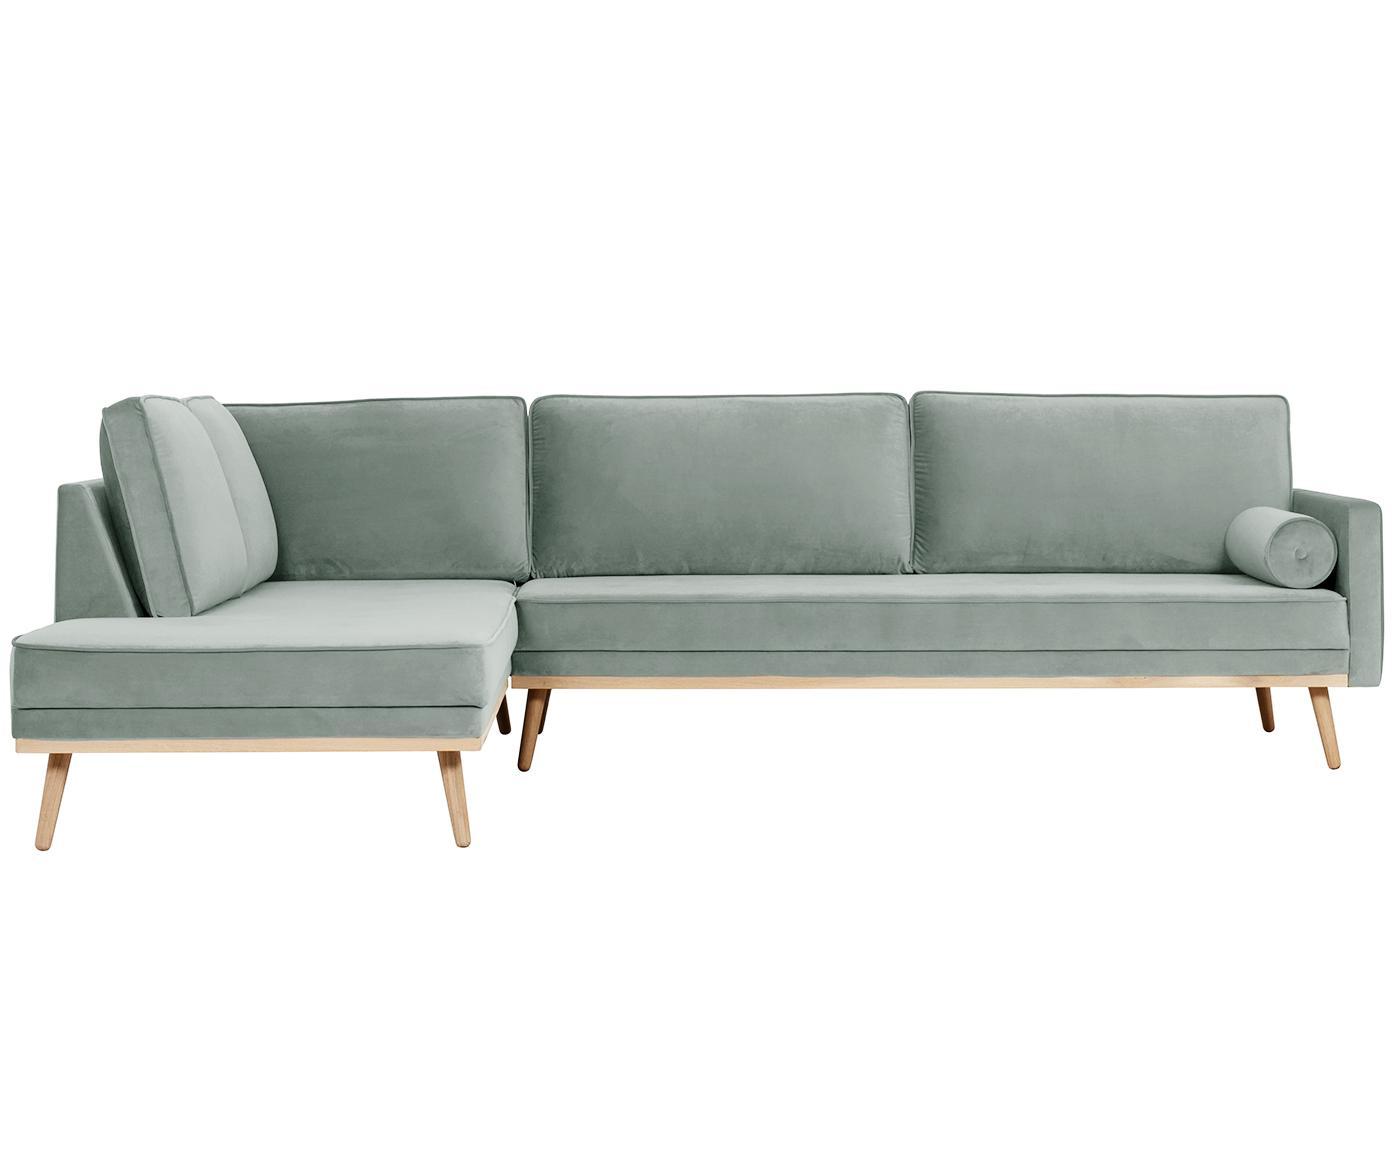 Sofa narożna z aksamitu Saint (4-osobowa), Tapicerka: aksamit (poliester) 3500, Stelaż: masywne drewno sosnowe, p, Szałwiowy zielony, S 294 x G 220 cm